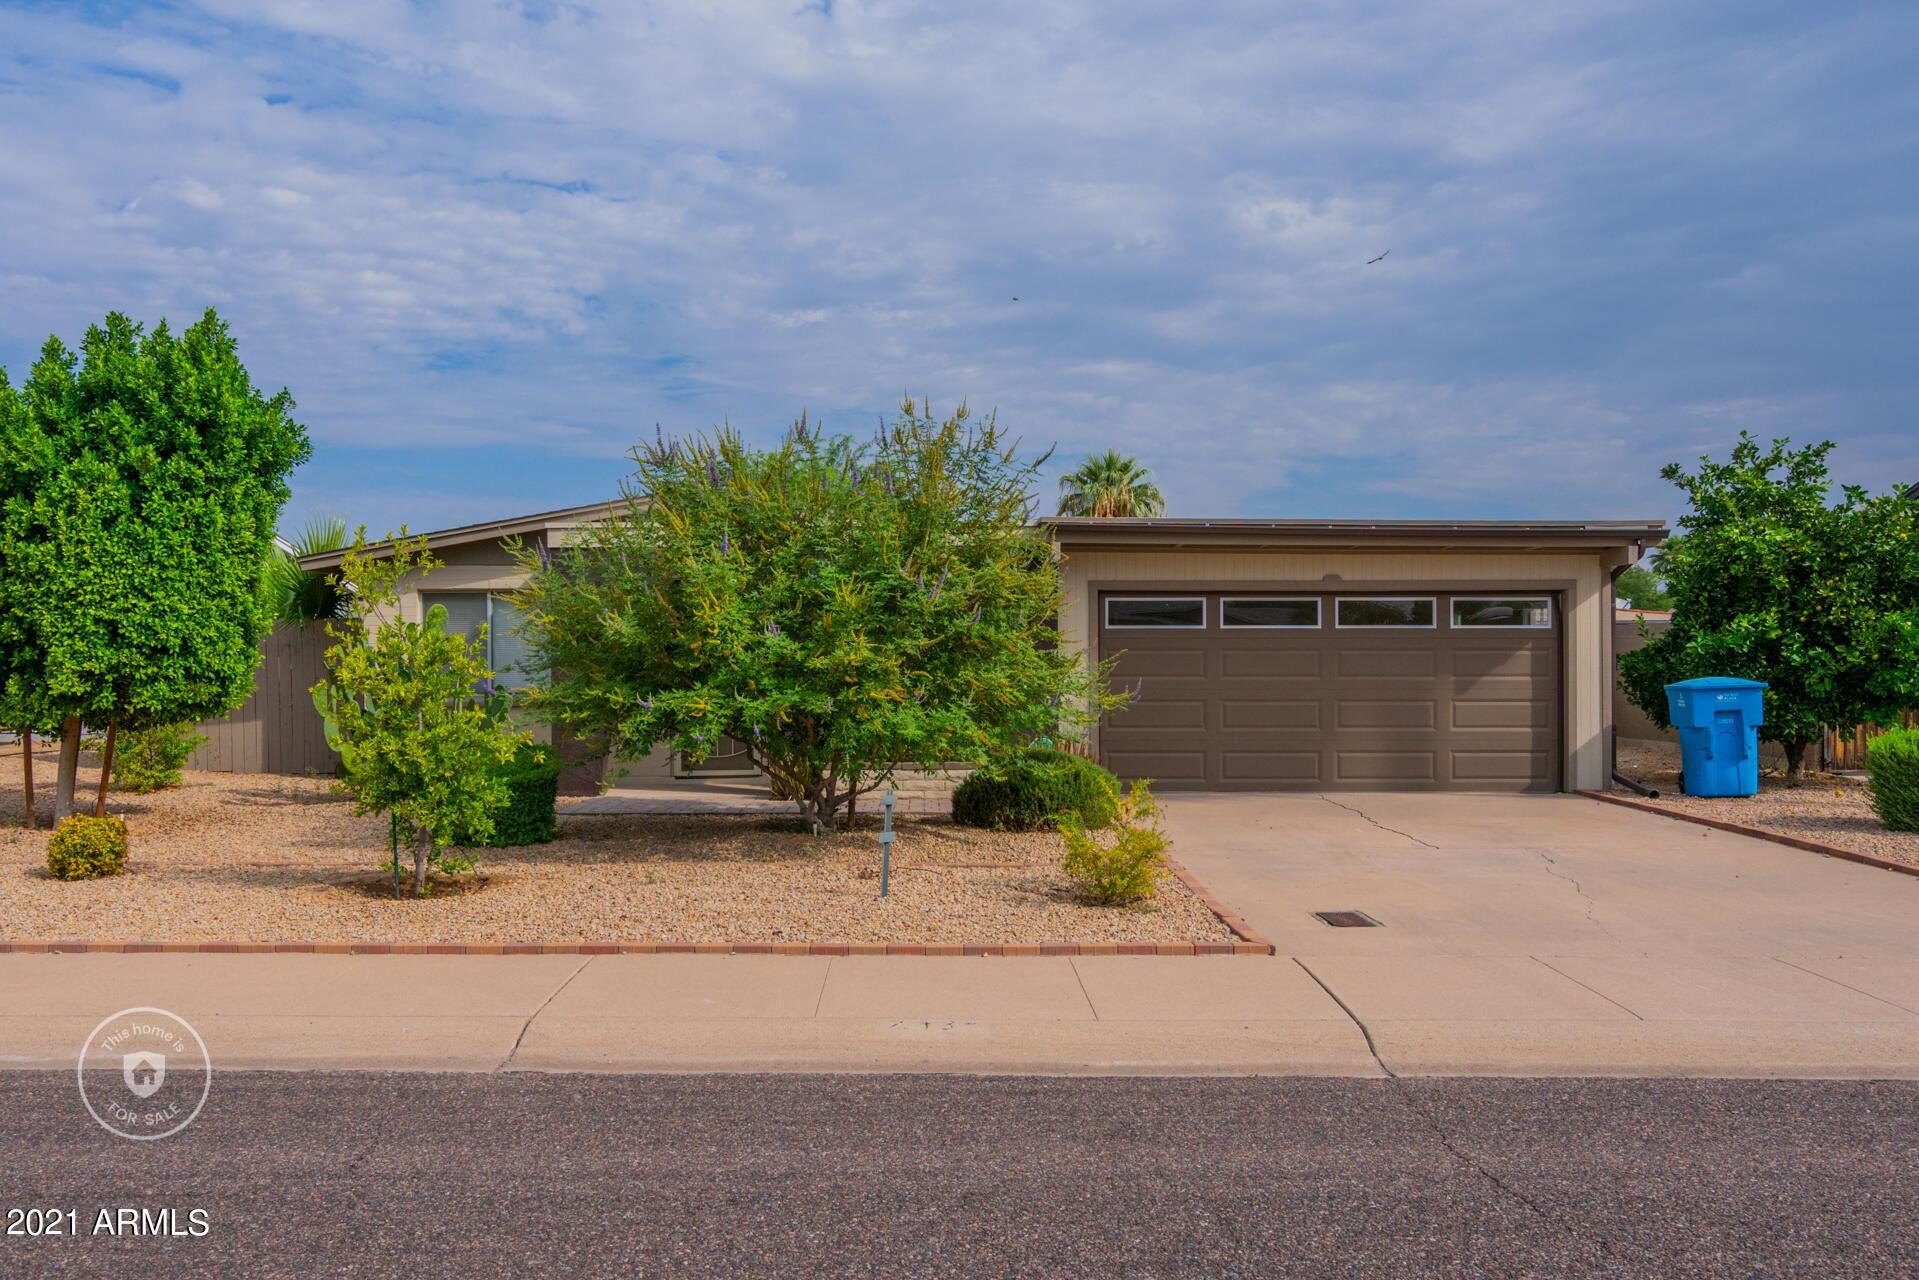 2434 E MARMORA Street, Phoenix, AZ 85032 - MLS#: 6297203